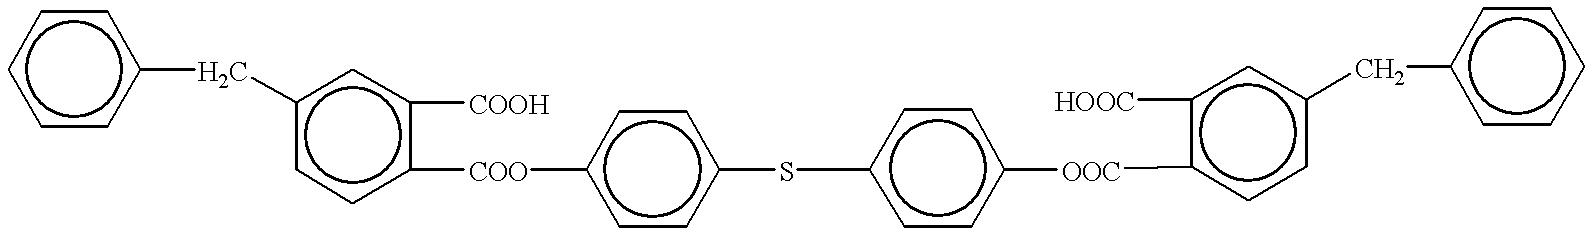 Figure US06180560-20010130-C00316